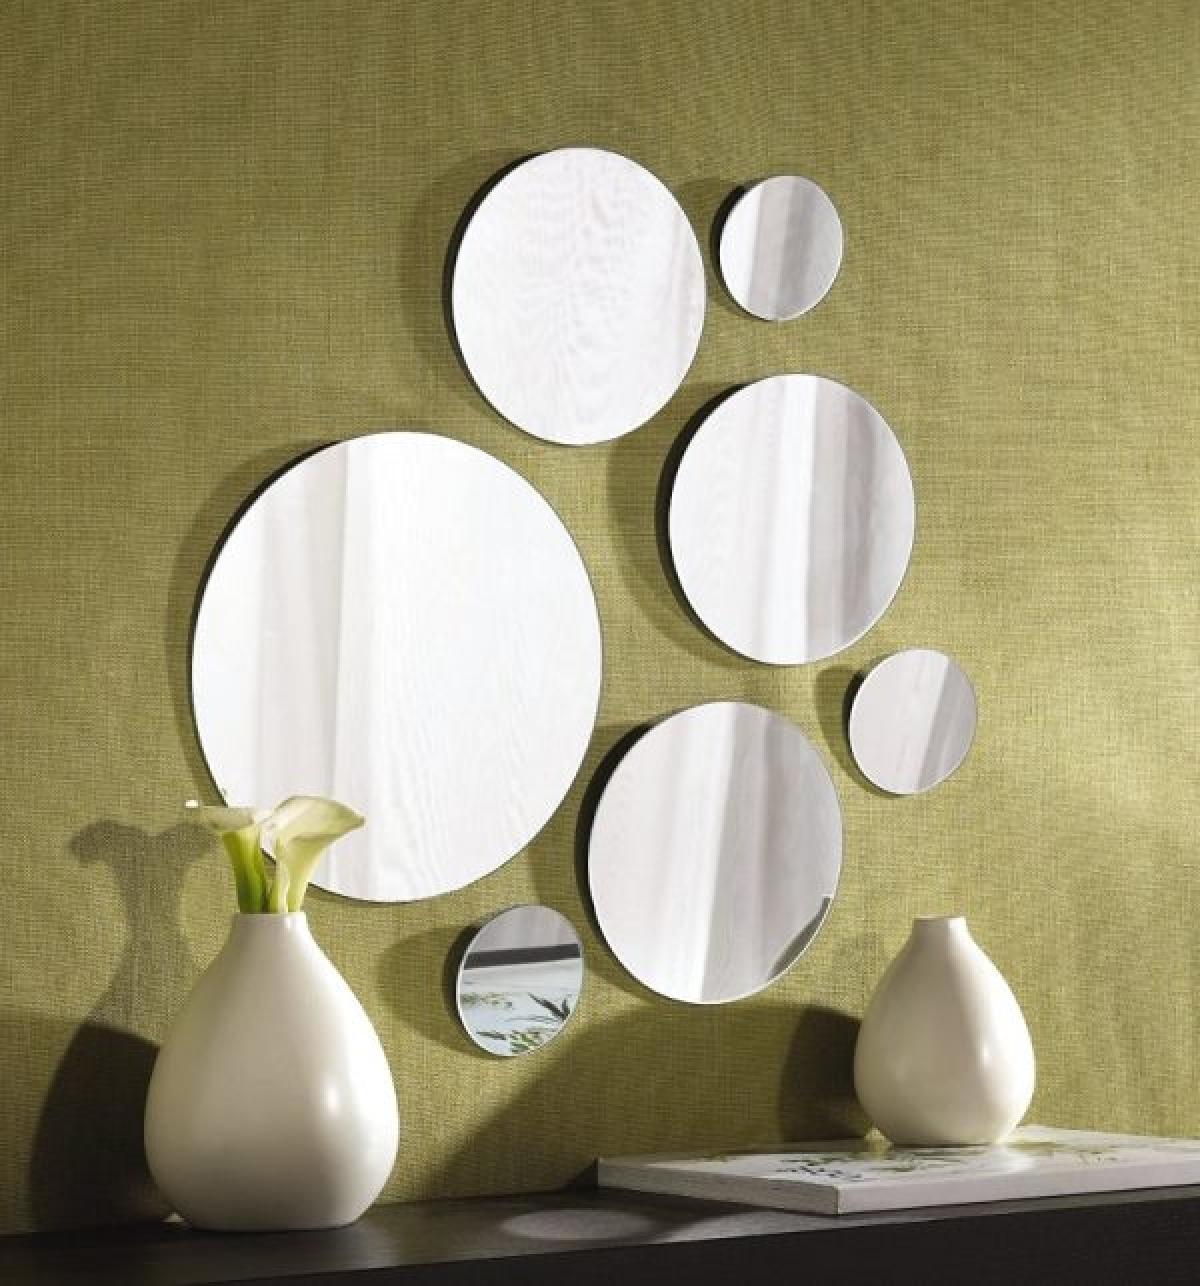 Gương được cắt thành những hình tròn to, nhỏ khác nhau là một điểm nhấn trong căn phòng.